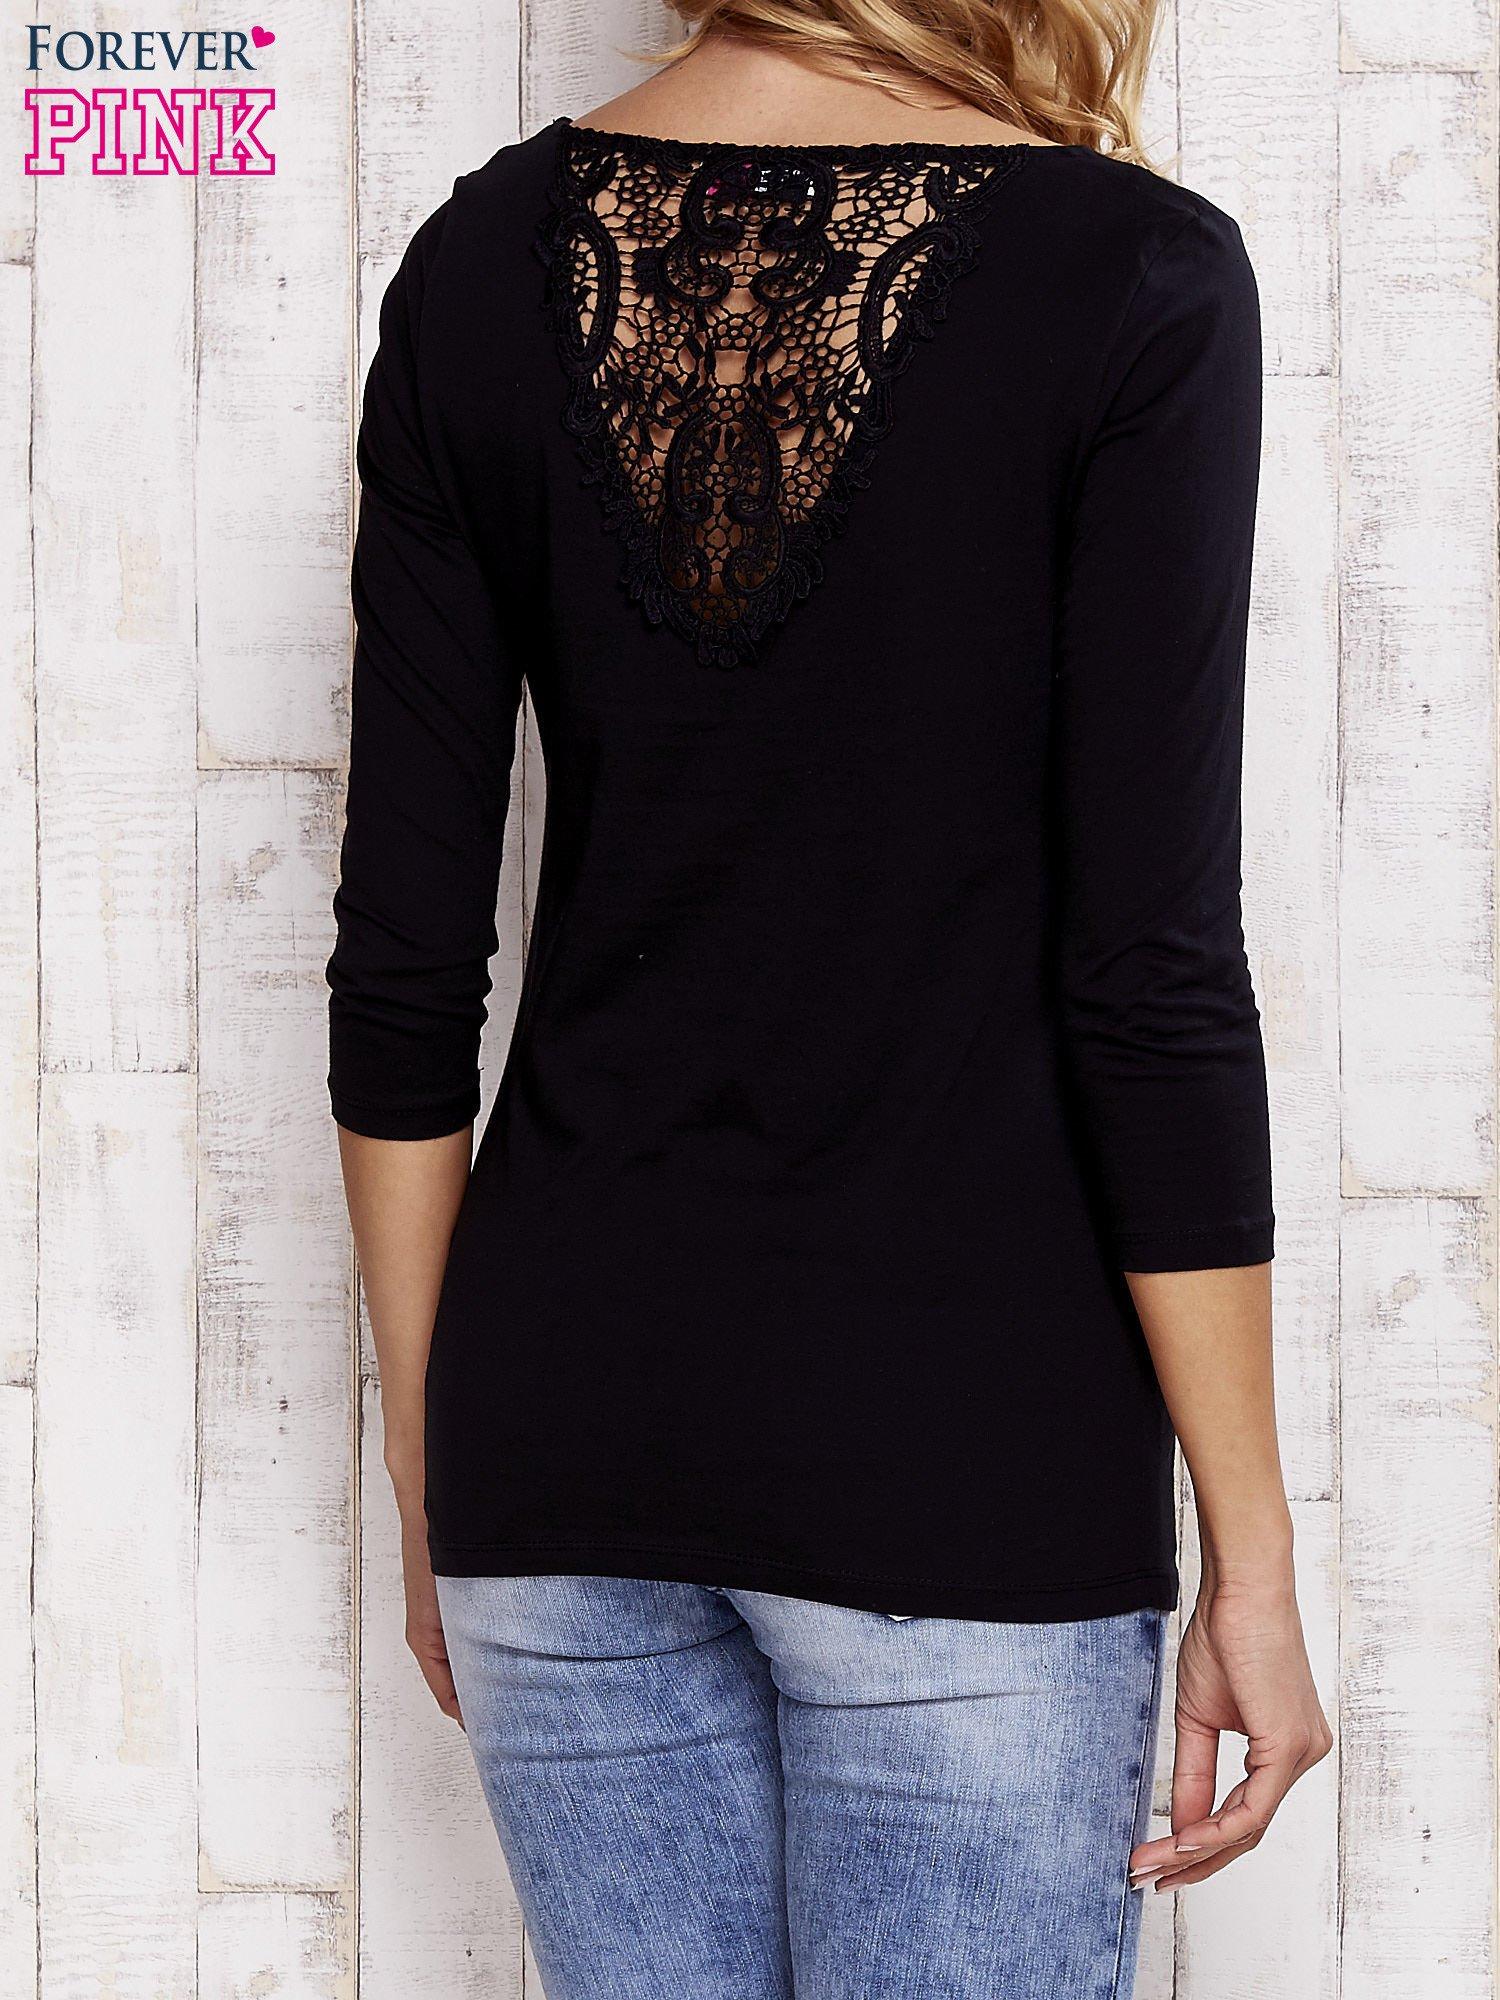 Czarna bluzka z koronkową wstawką na plecach                                  zdj.                                  4